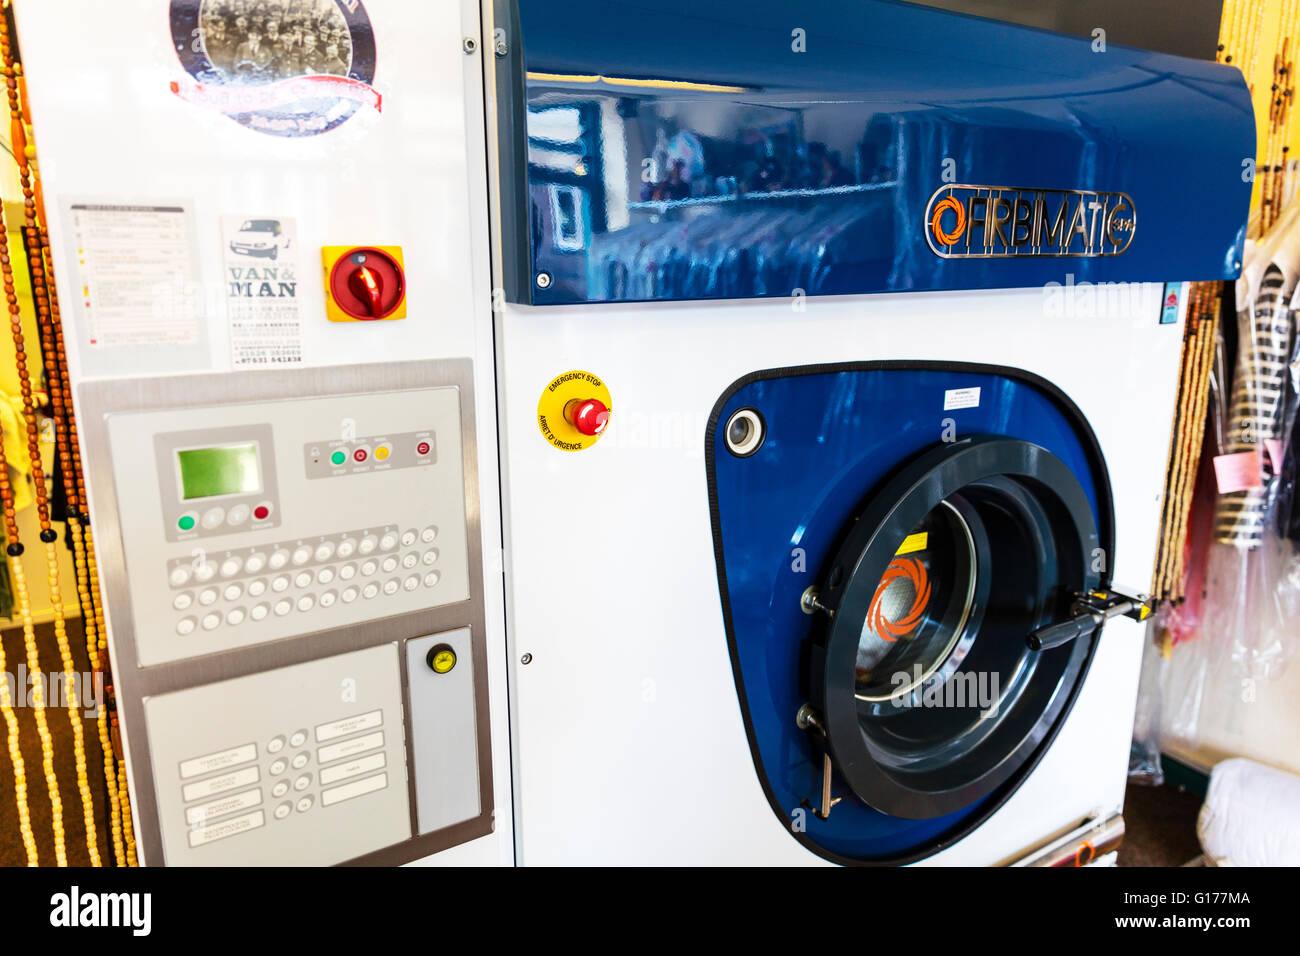 Nettoyage De La Machine À Laver nettoyage à sec nettoyage à sec machine lave-linge